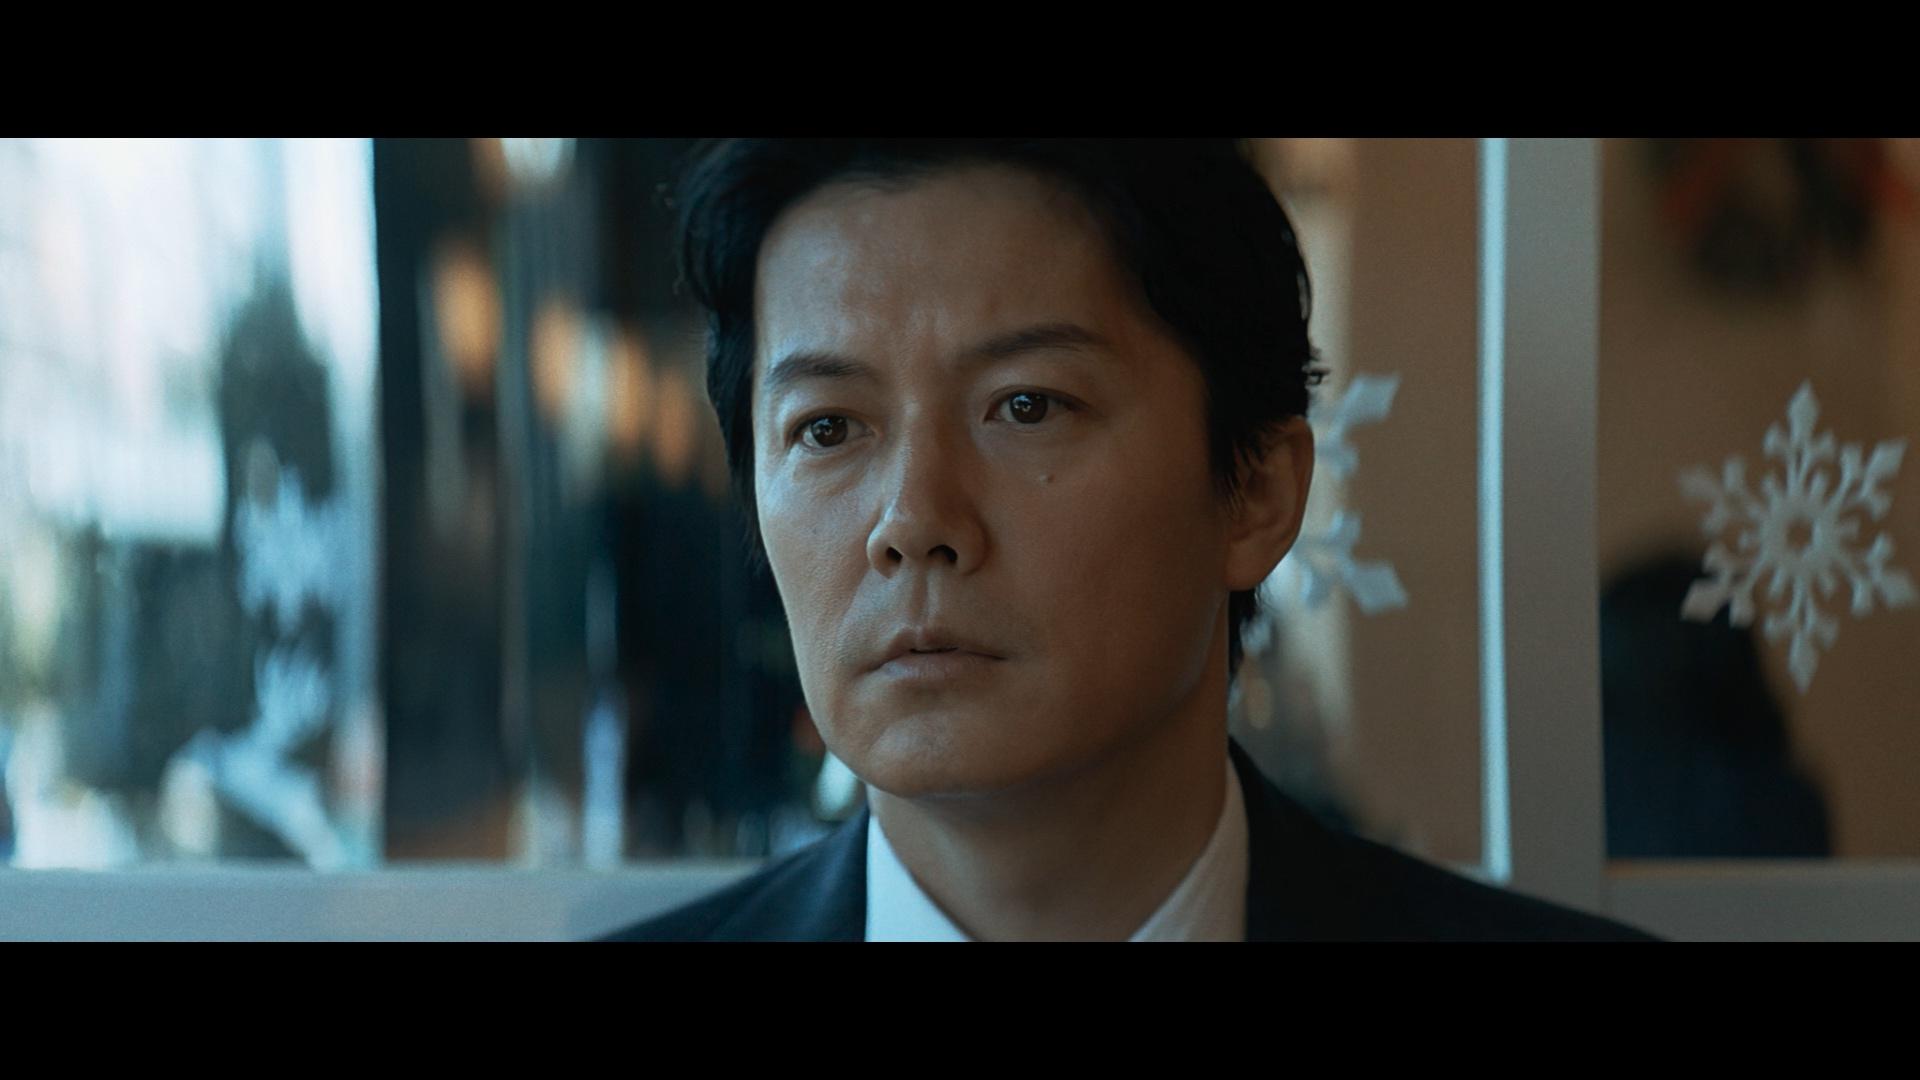 福山雅治和役所广司的心理攻防战!是枝裕和《第三次杀人》首次挑战法庭心理戏